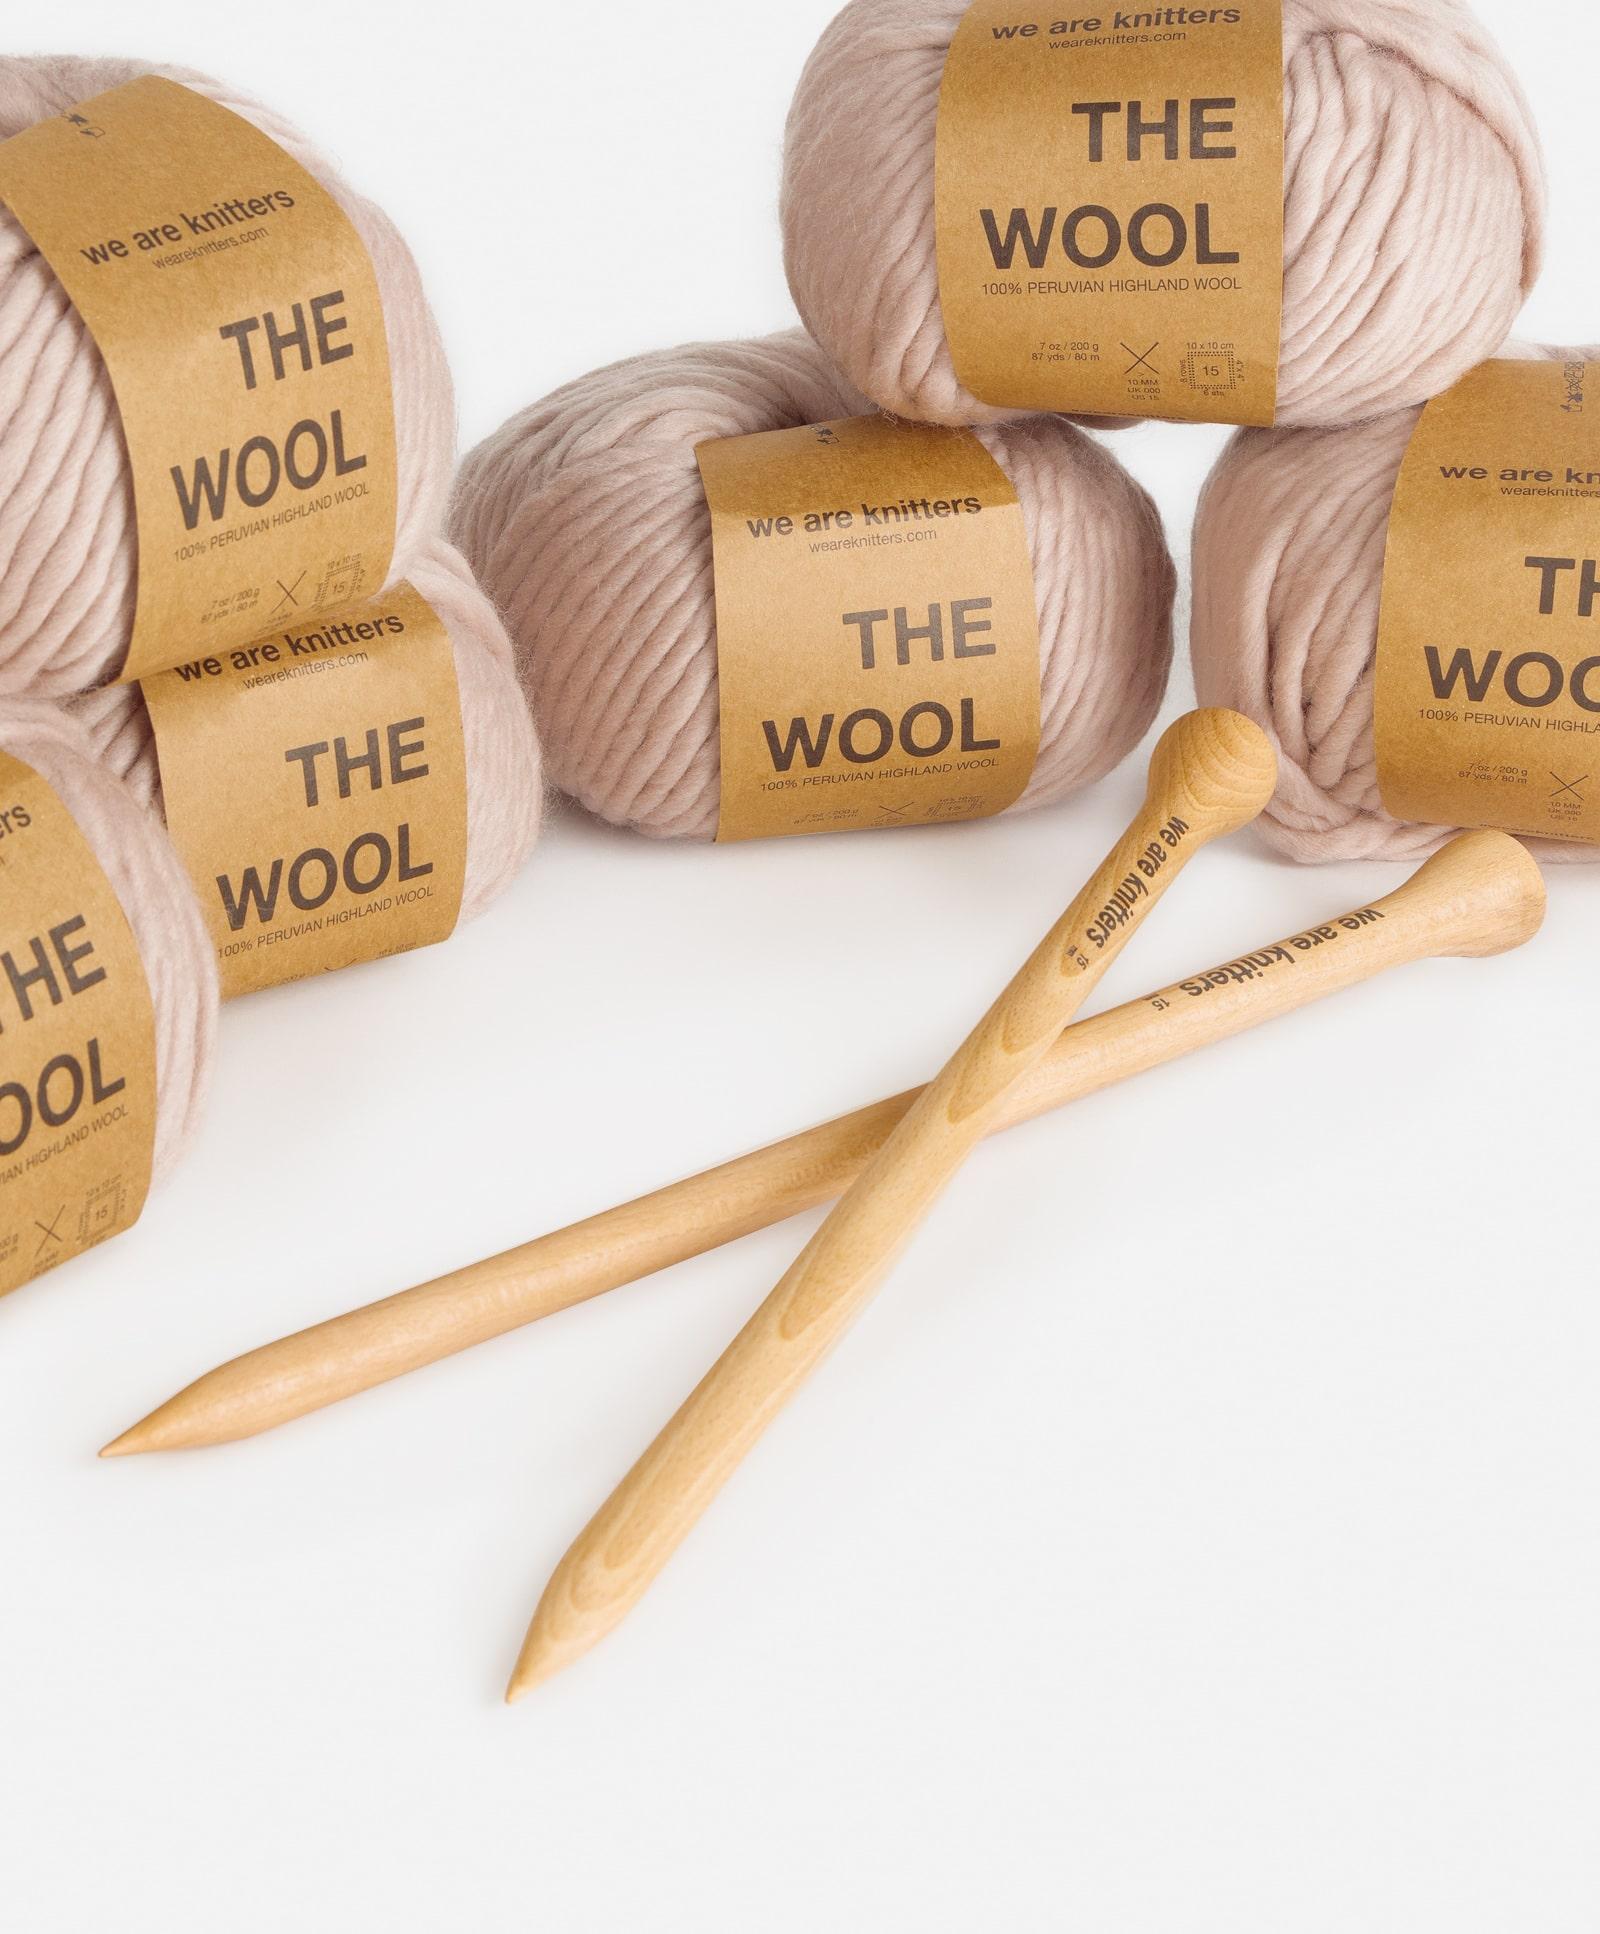 kit per realizzare un cardigan in maglia, passatempi creativi